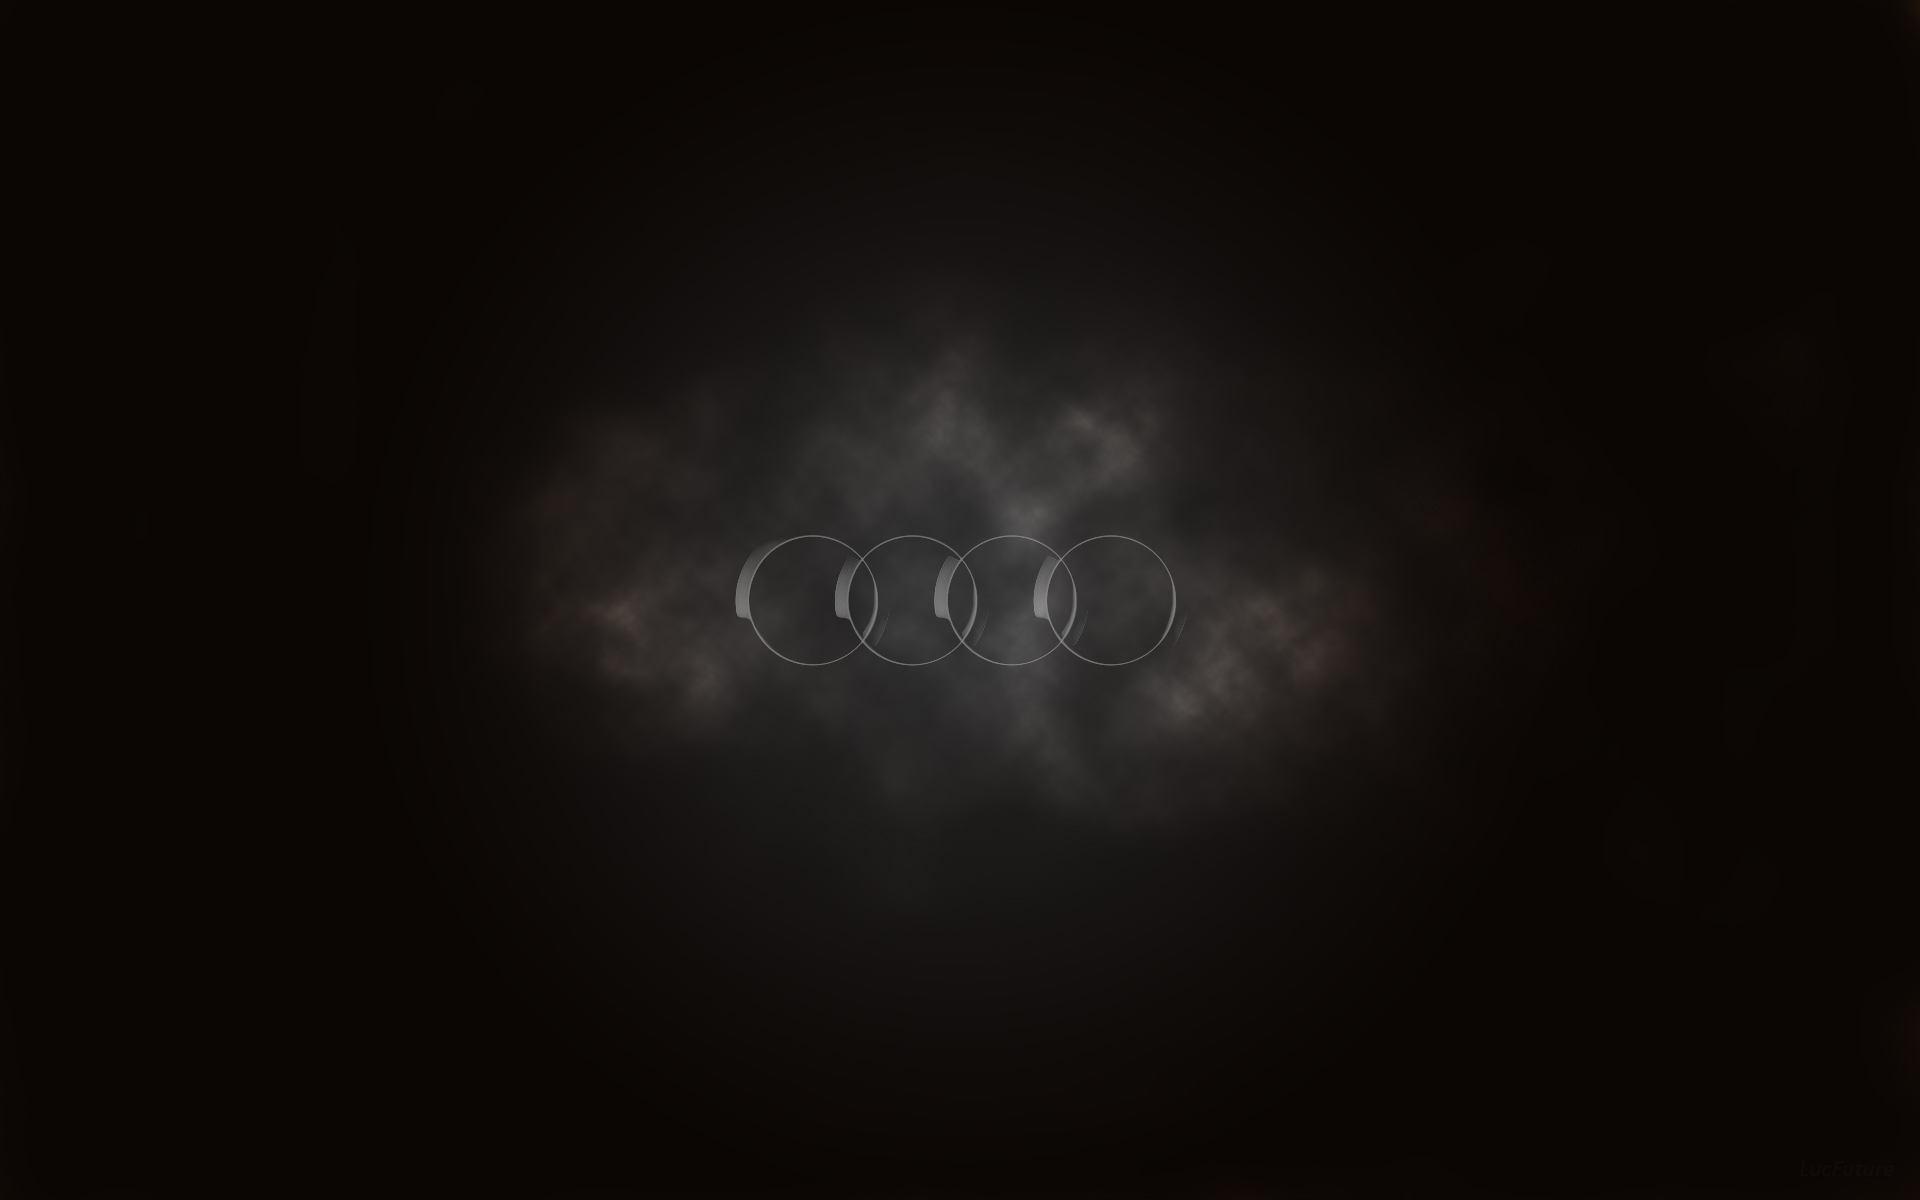 Компания Audi объявила масштабный отзыв автомобилей 1